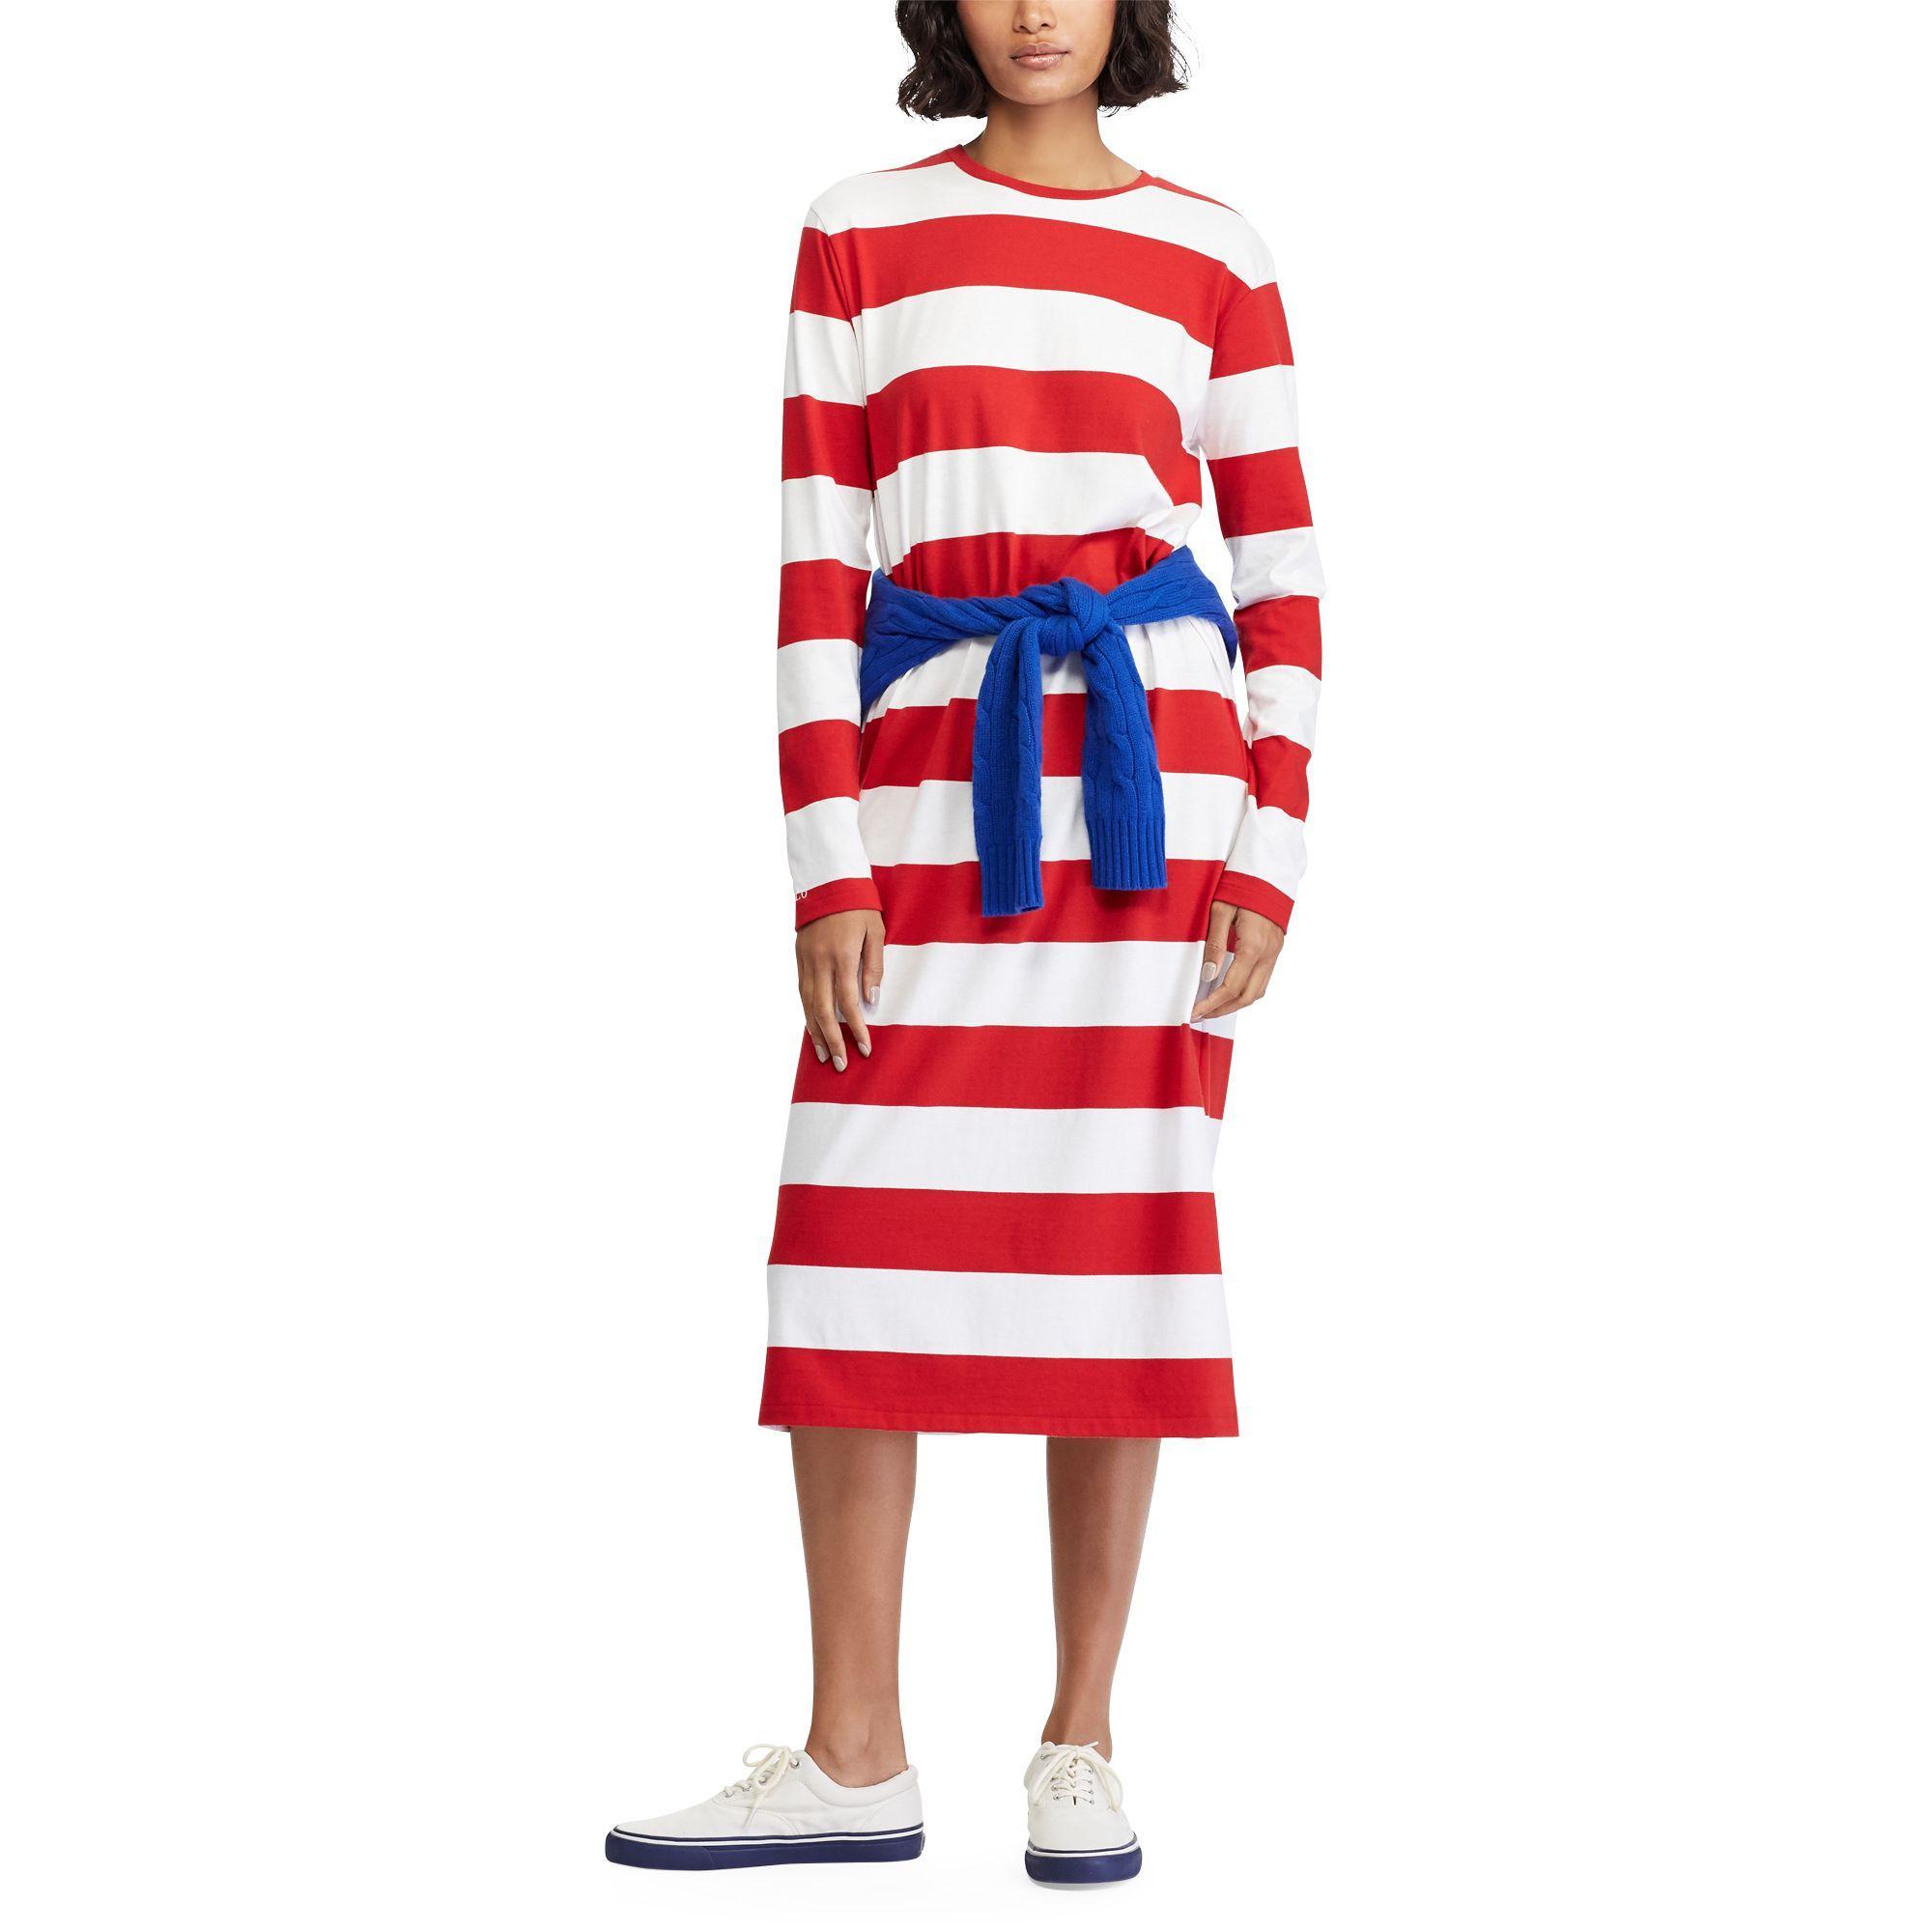 d0c61421c914a Robe t-shirt rayée mi-longue femme de coloris rouge